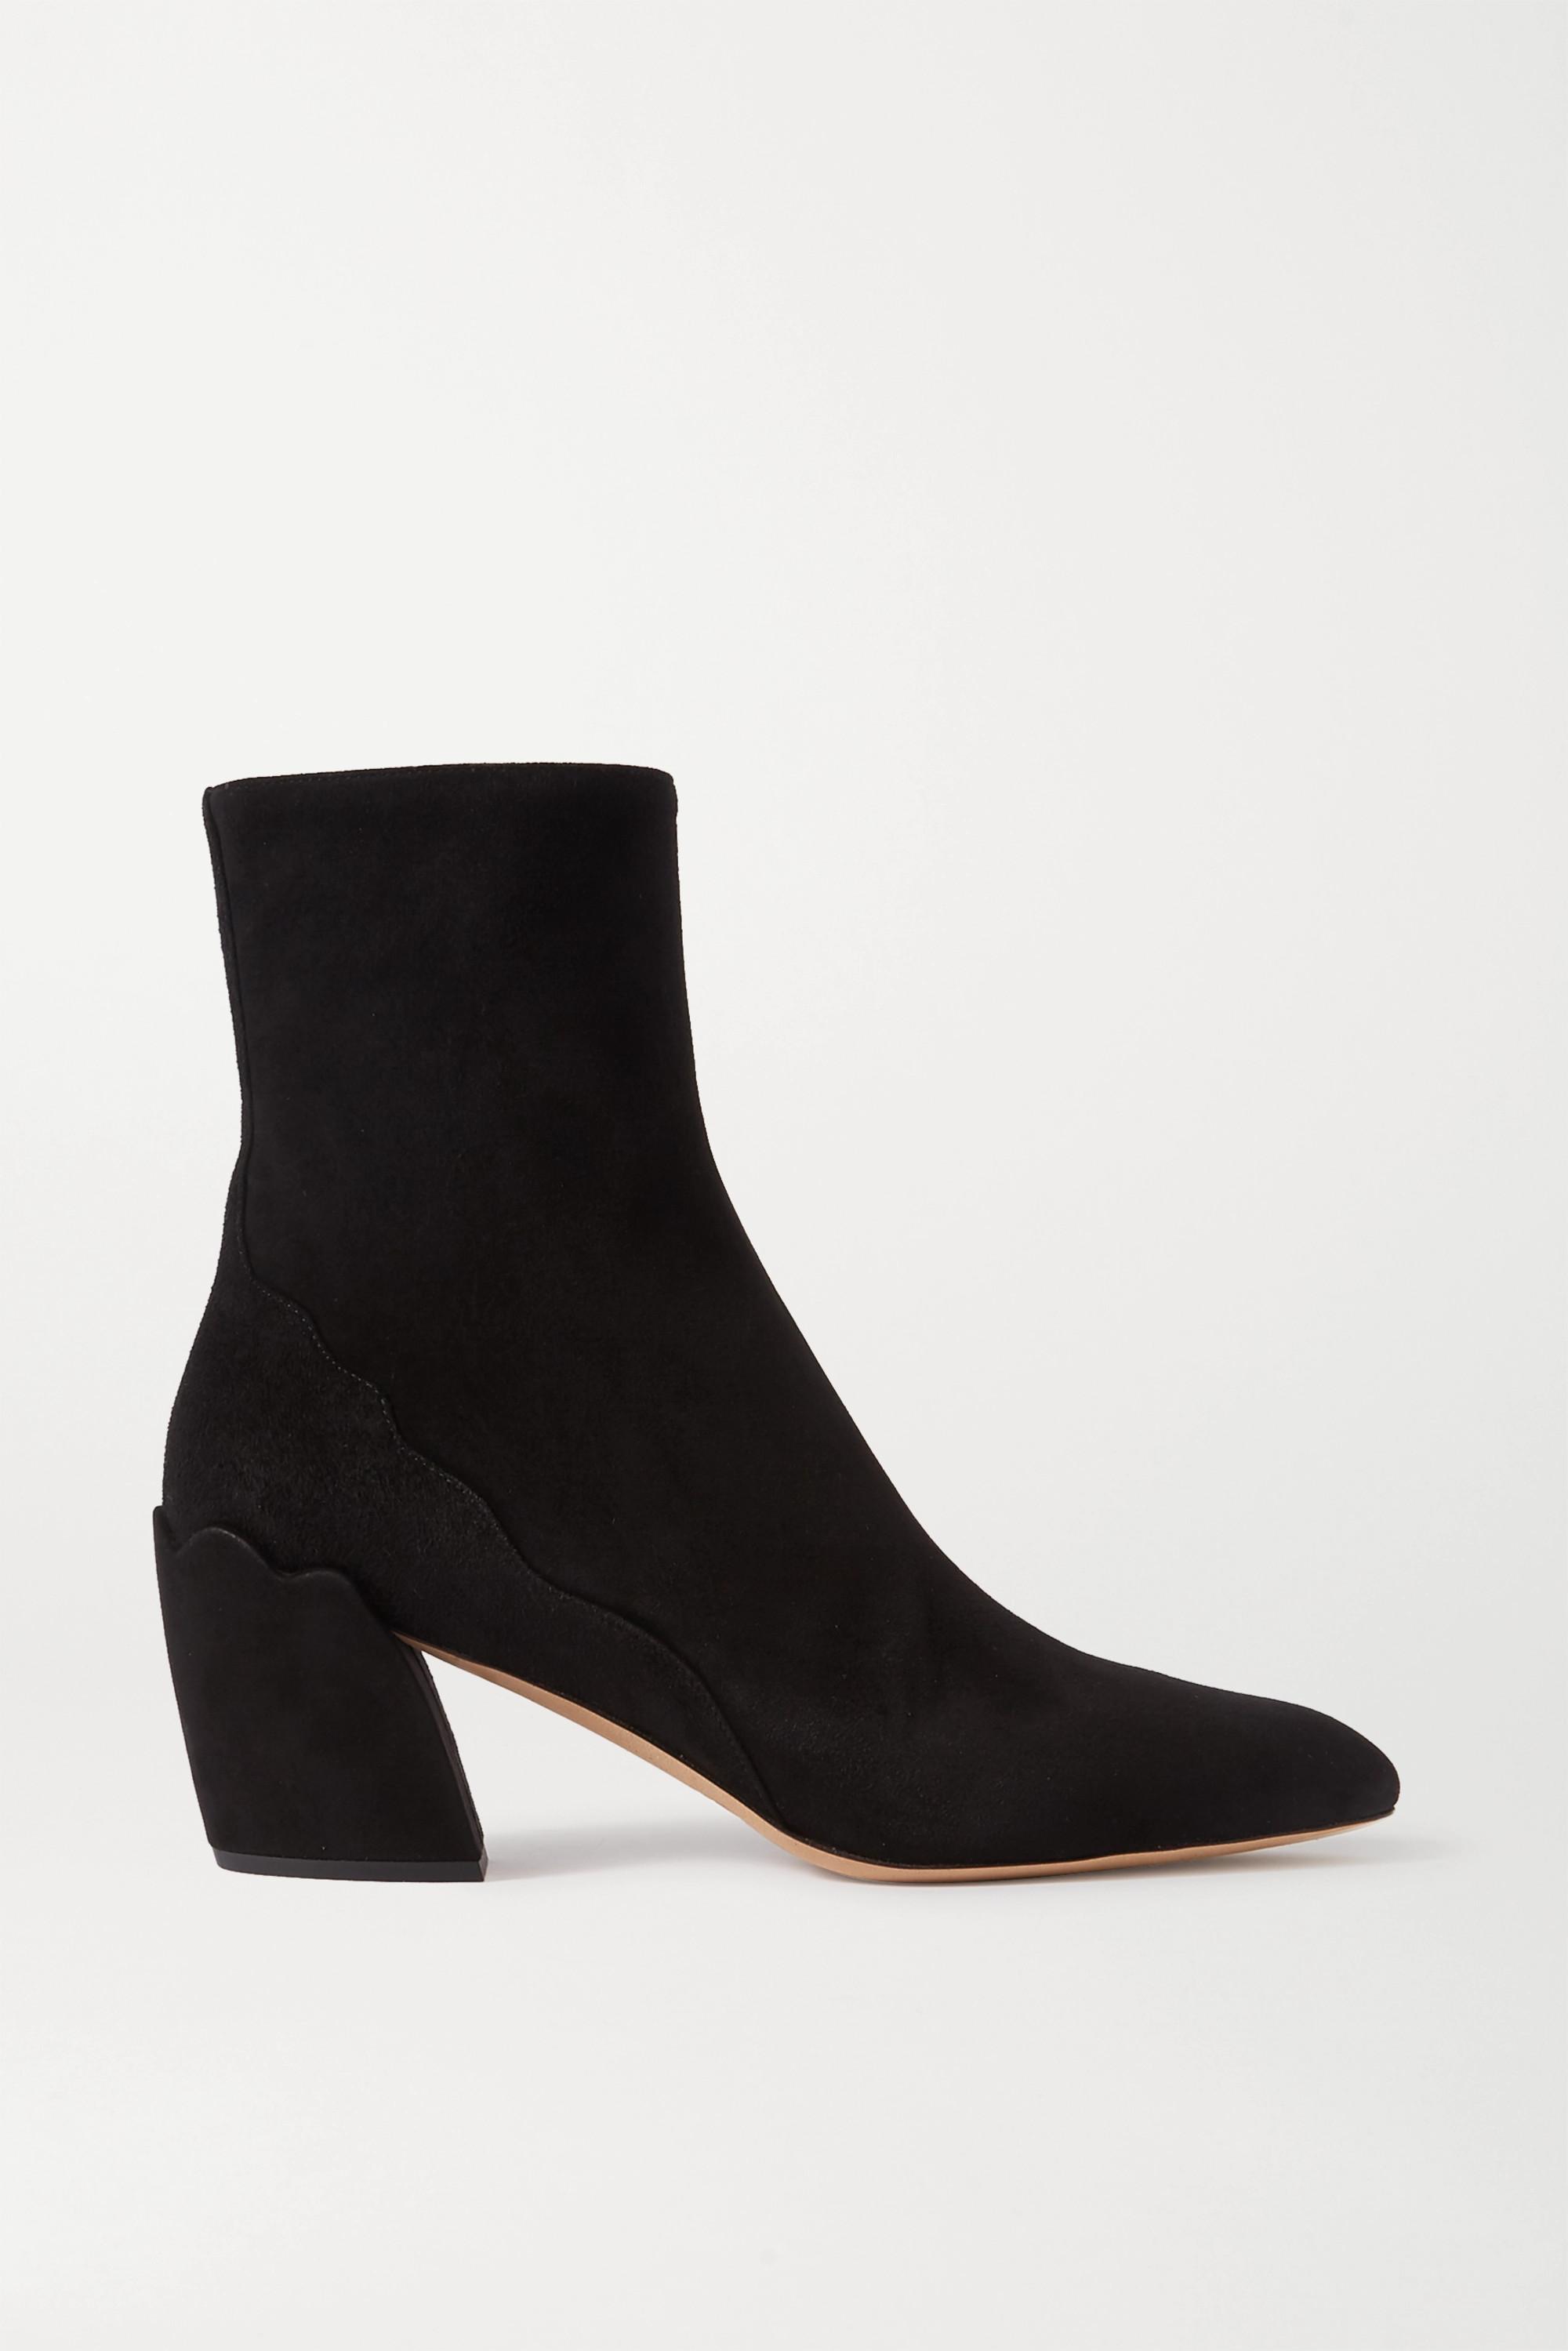 Black Lauren suede ankle boots | Chloé